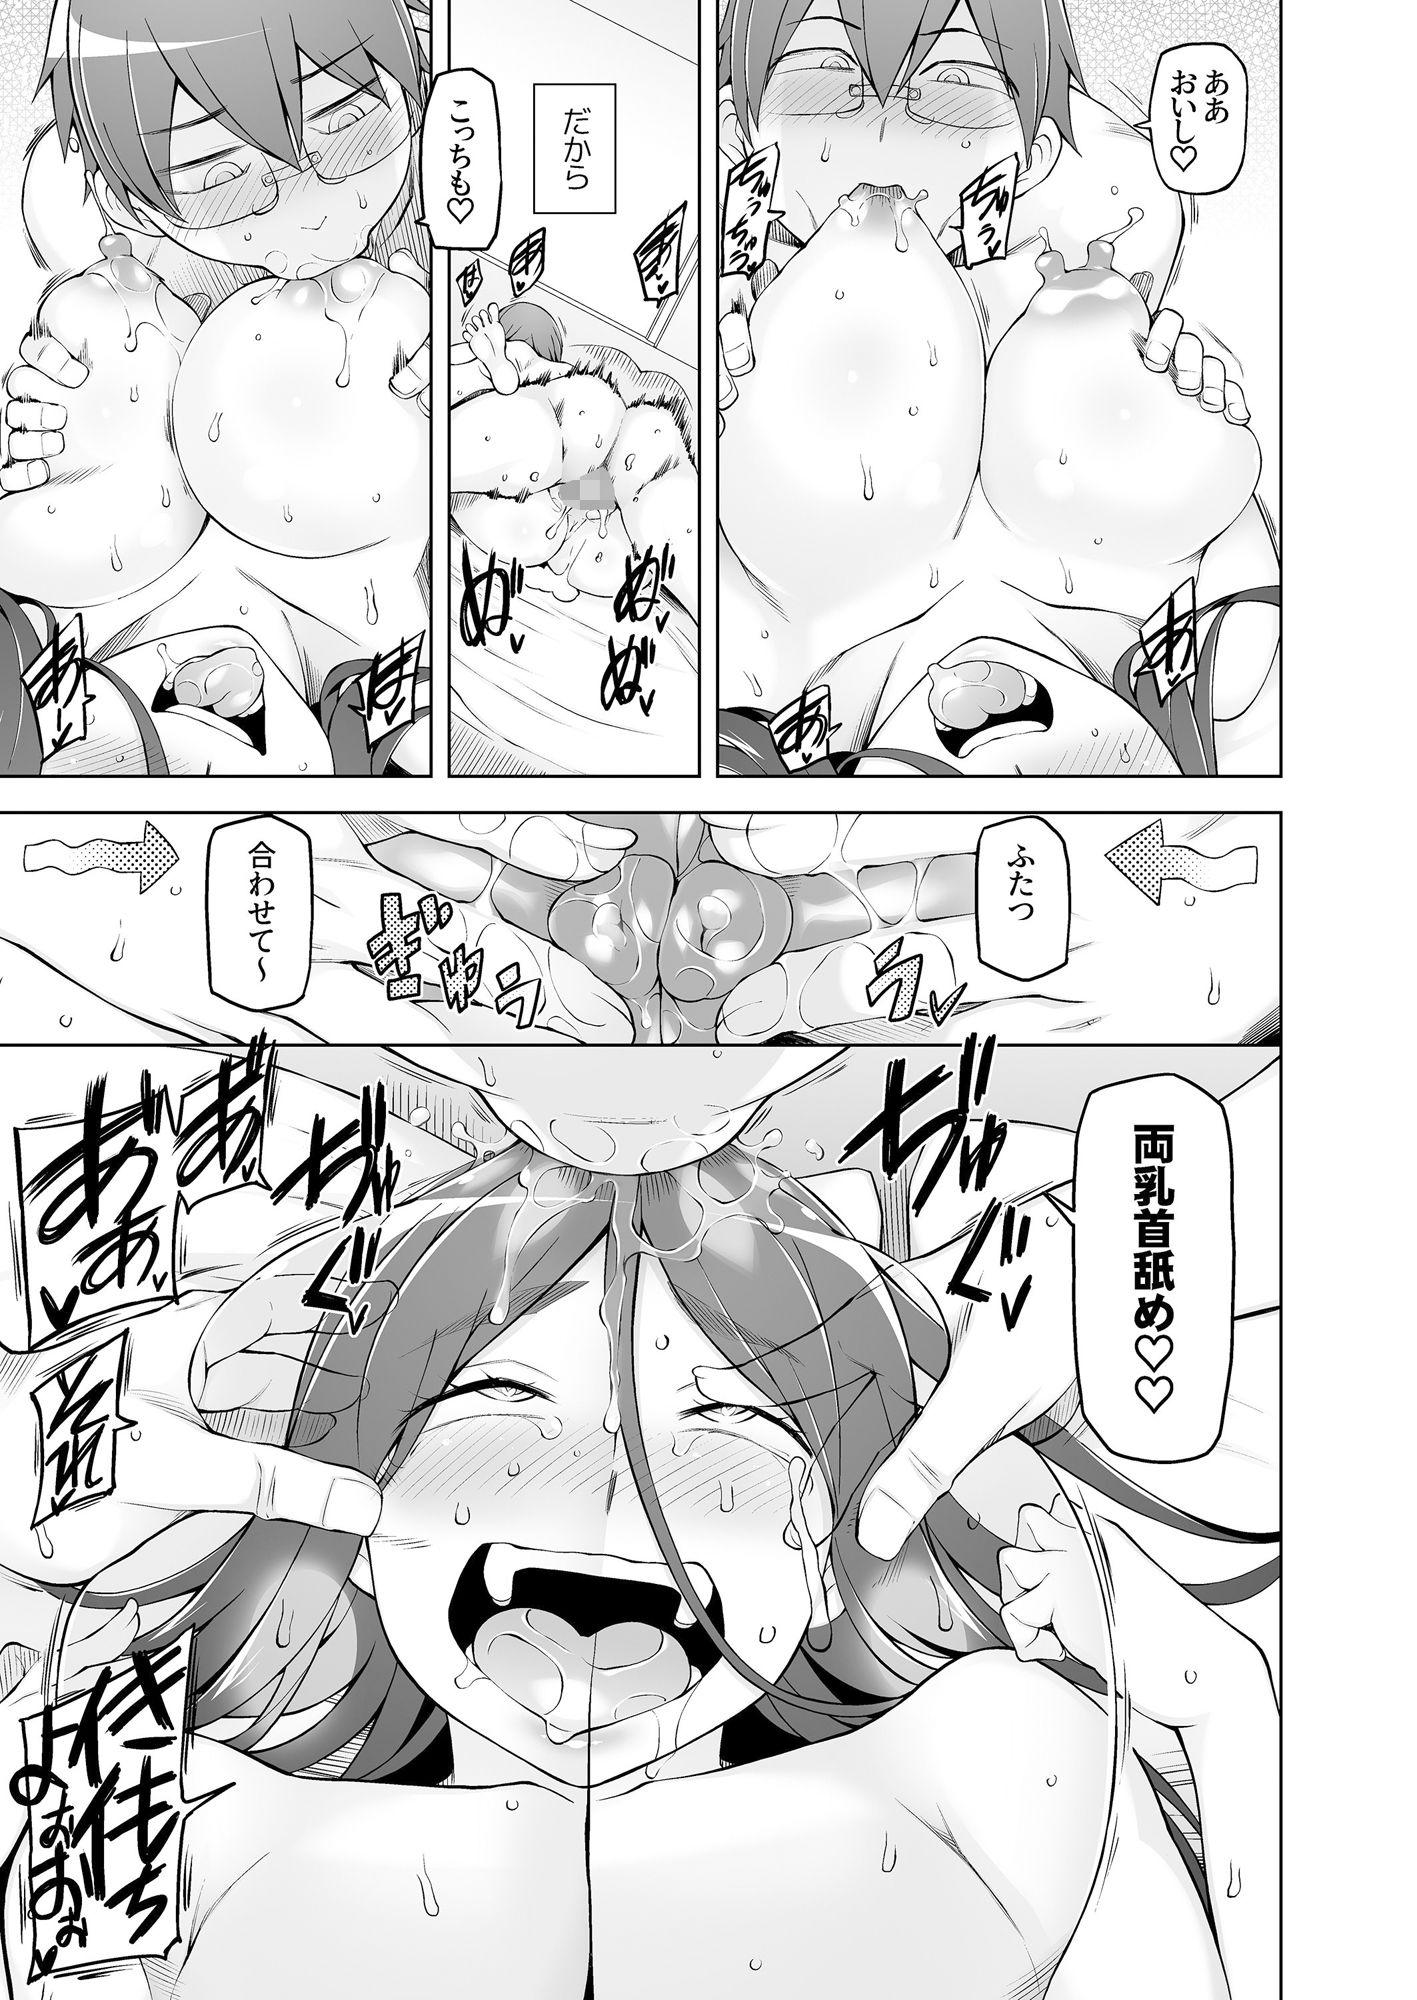 【エロ漫画】人妻・桐子の調教寝取られ性活 SNSで知り合ったフォロワーと ガチンコセックス、連日ハメまくった妻の話「サークル:がらくた少女」【同人誌・コミック】#6